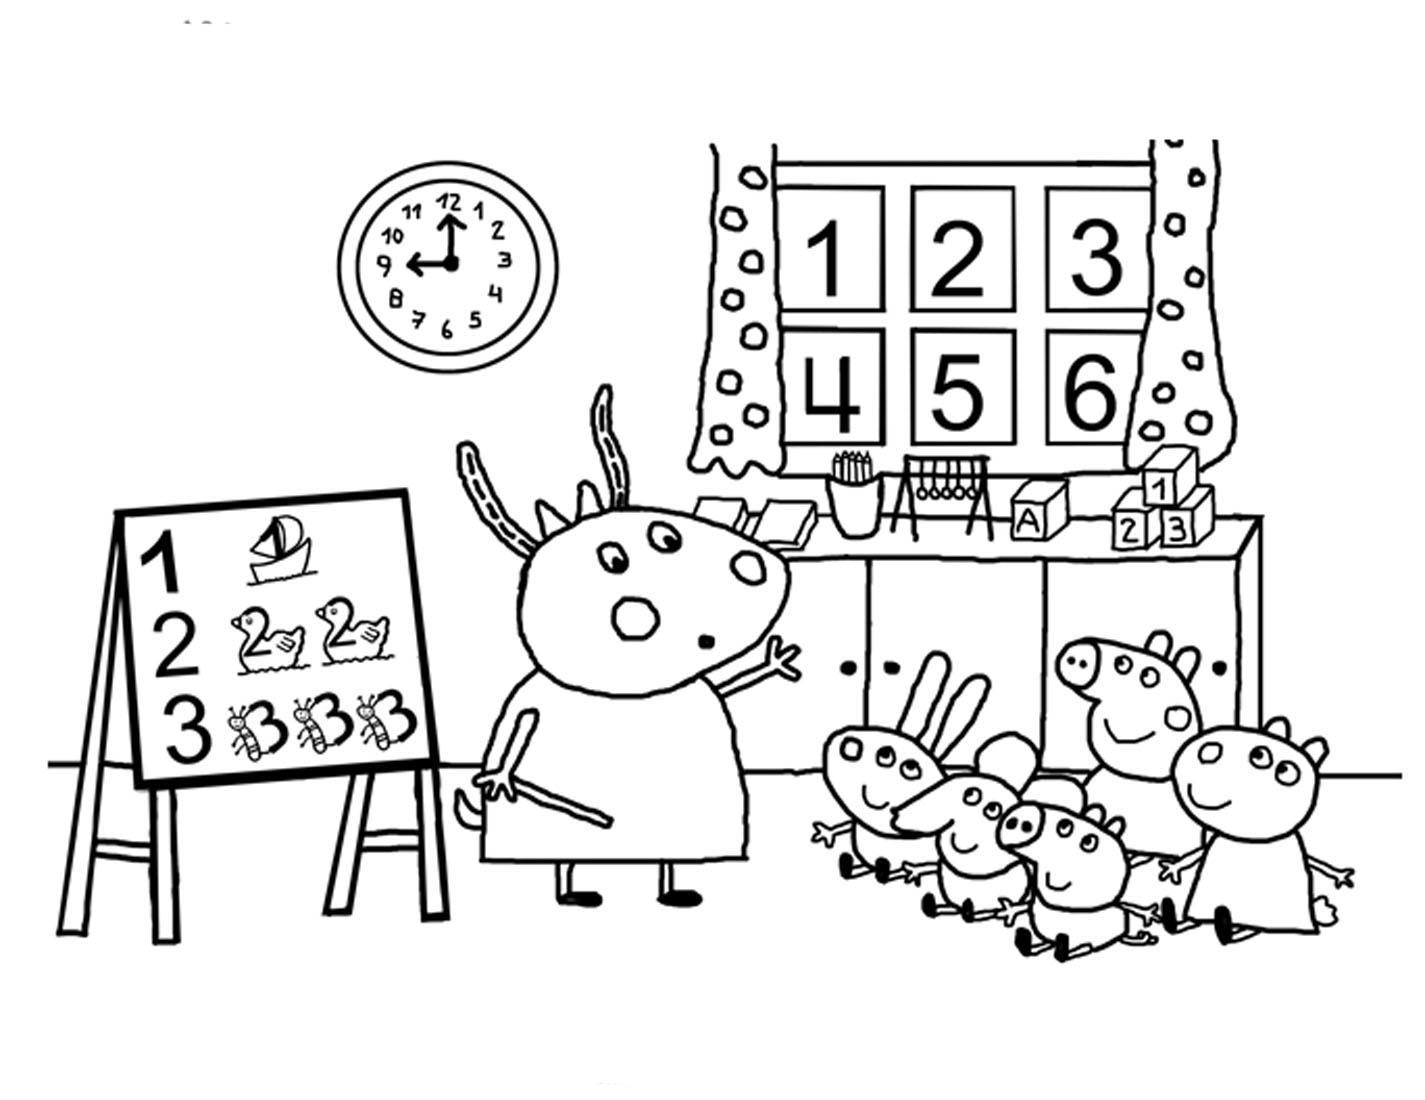 desenhos peppa pig para colorir desenhos peppa pig para colorir 1 ...